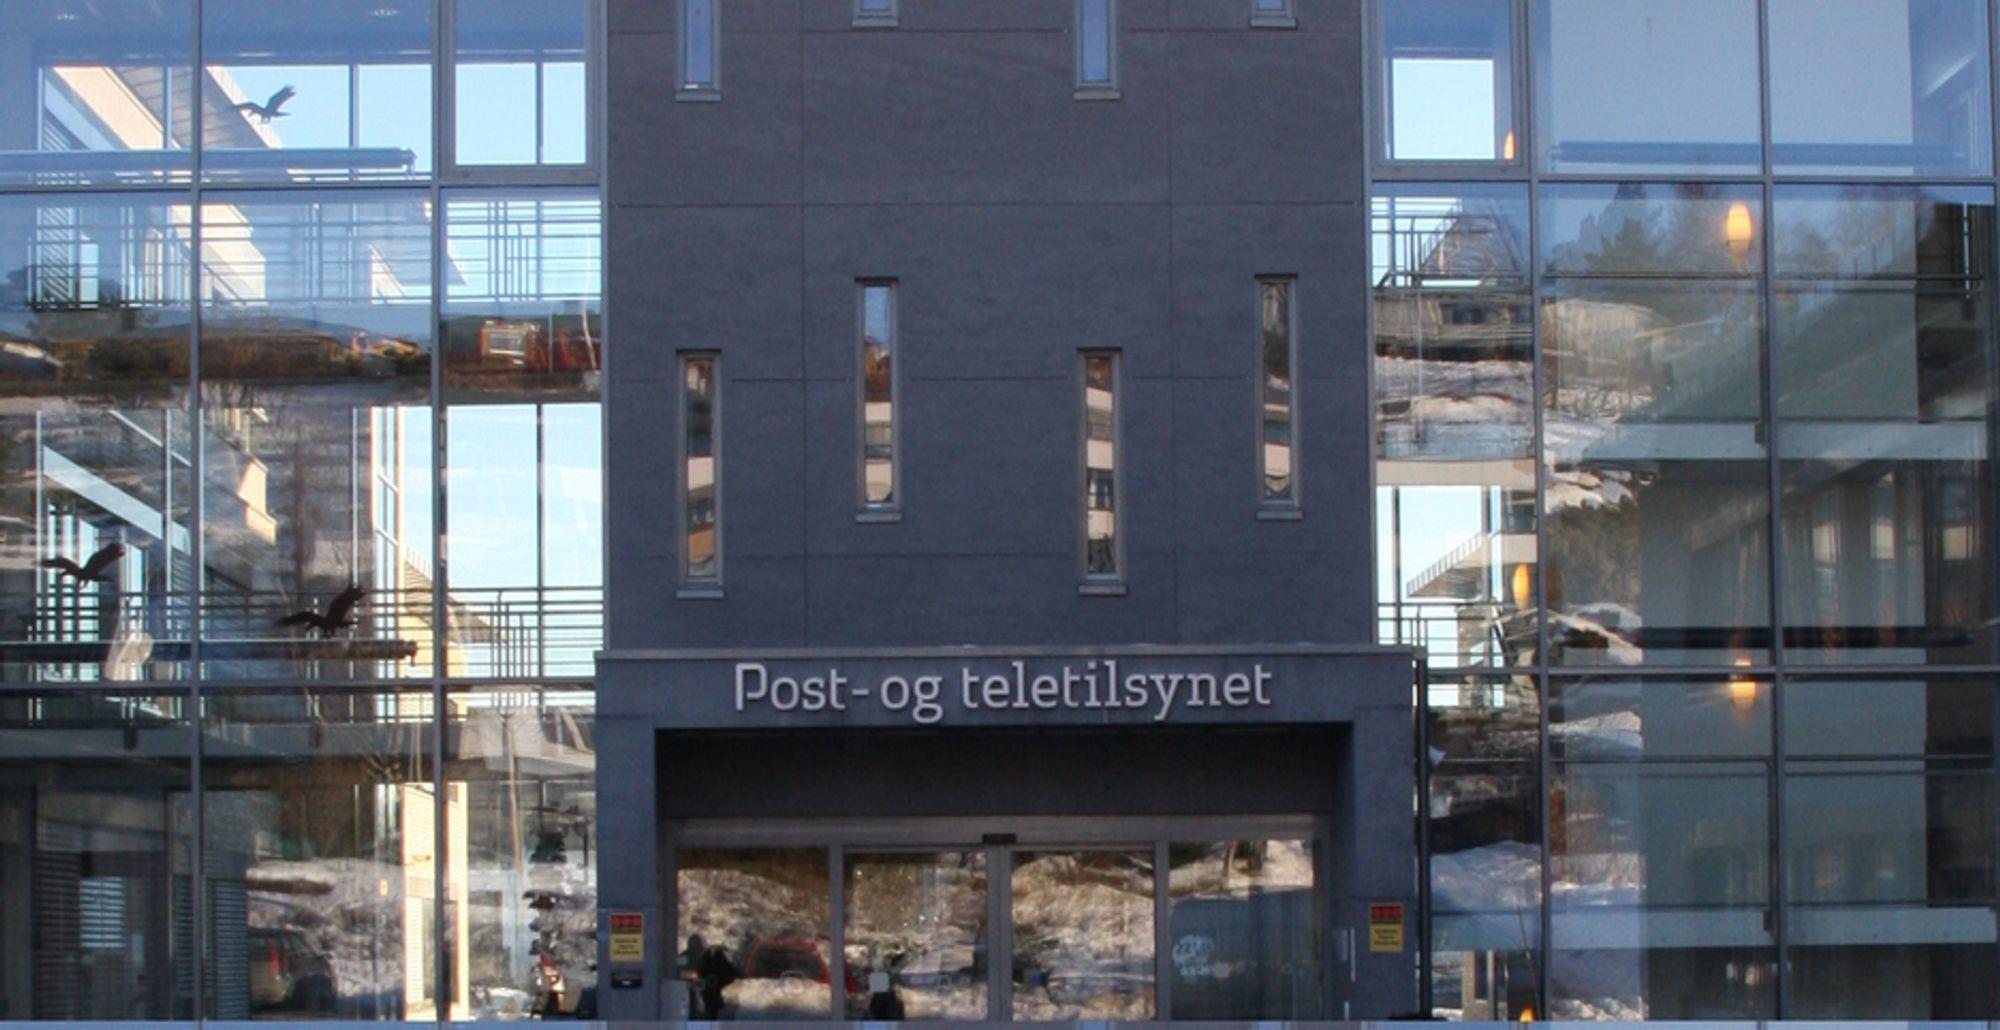 Fra neste år skifter PT i Lillesand navn til Nasjonal kommunikasjonsmyndighet.